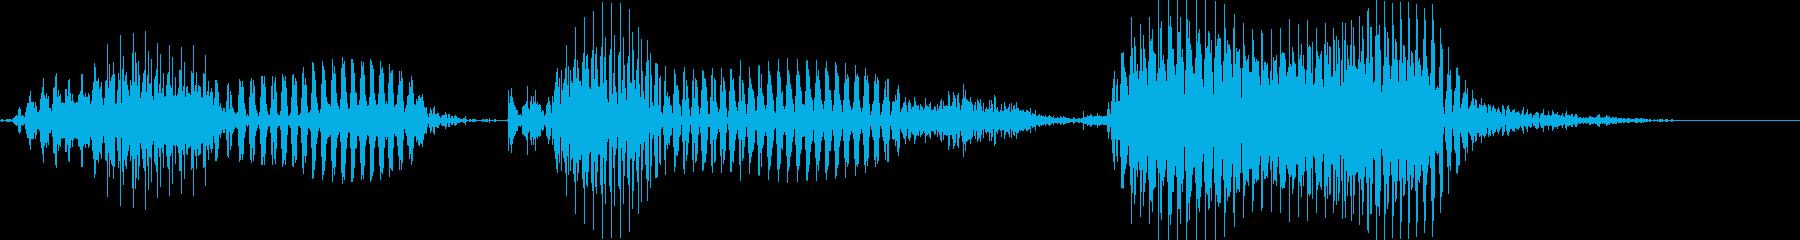 読み込みましたの再生済みの波形